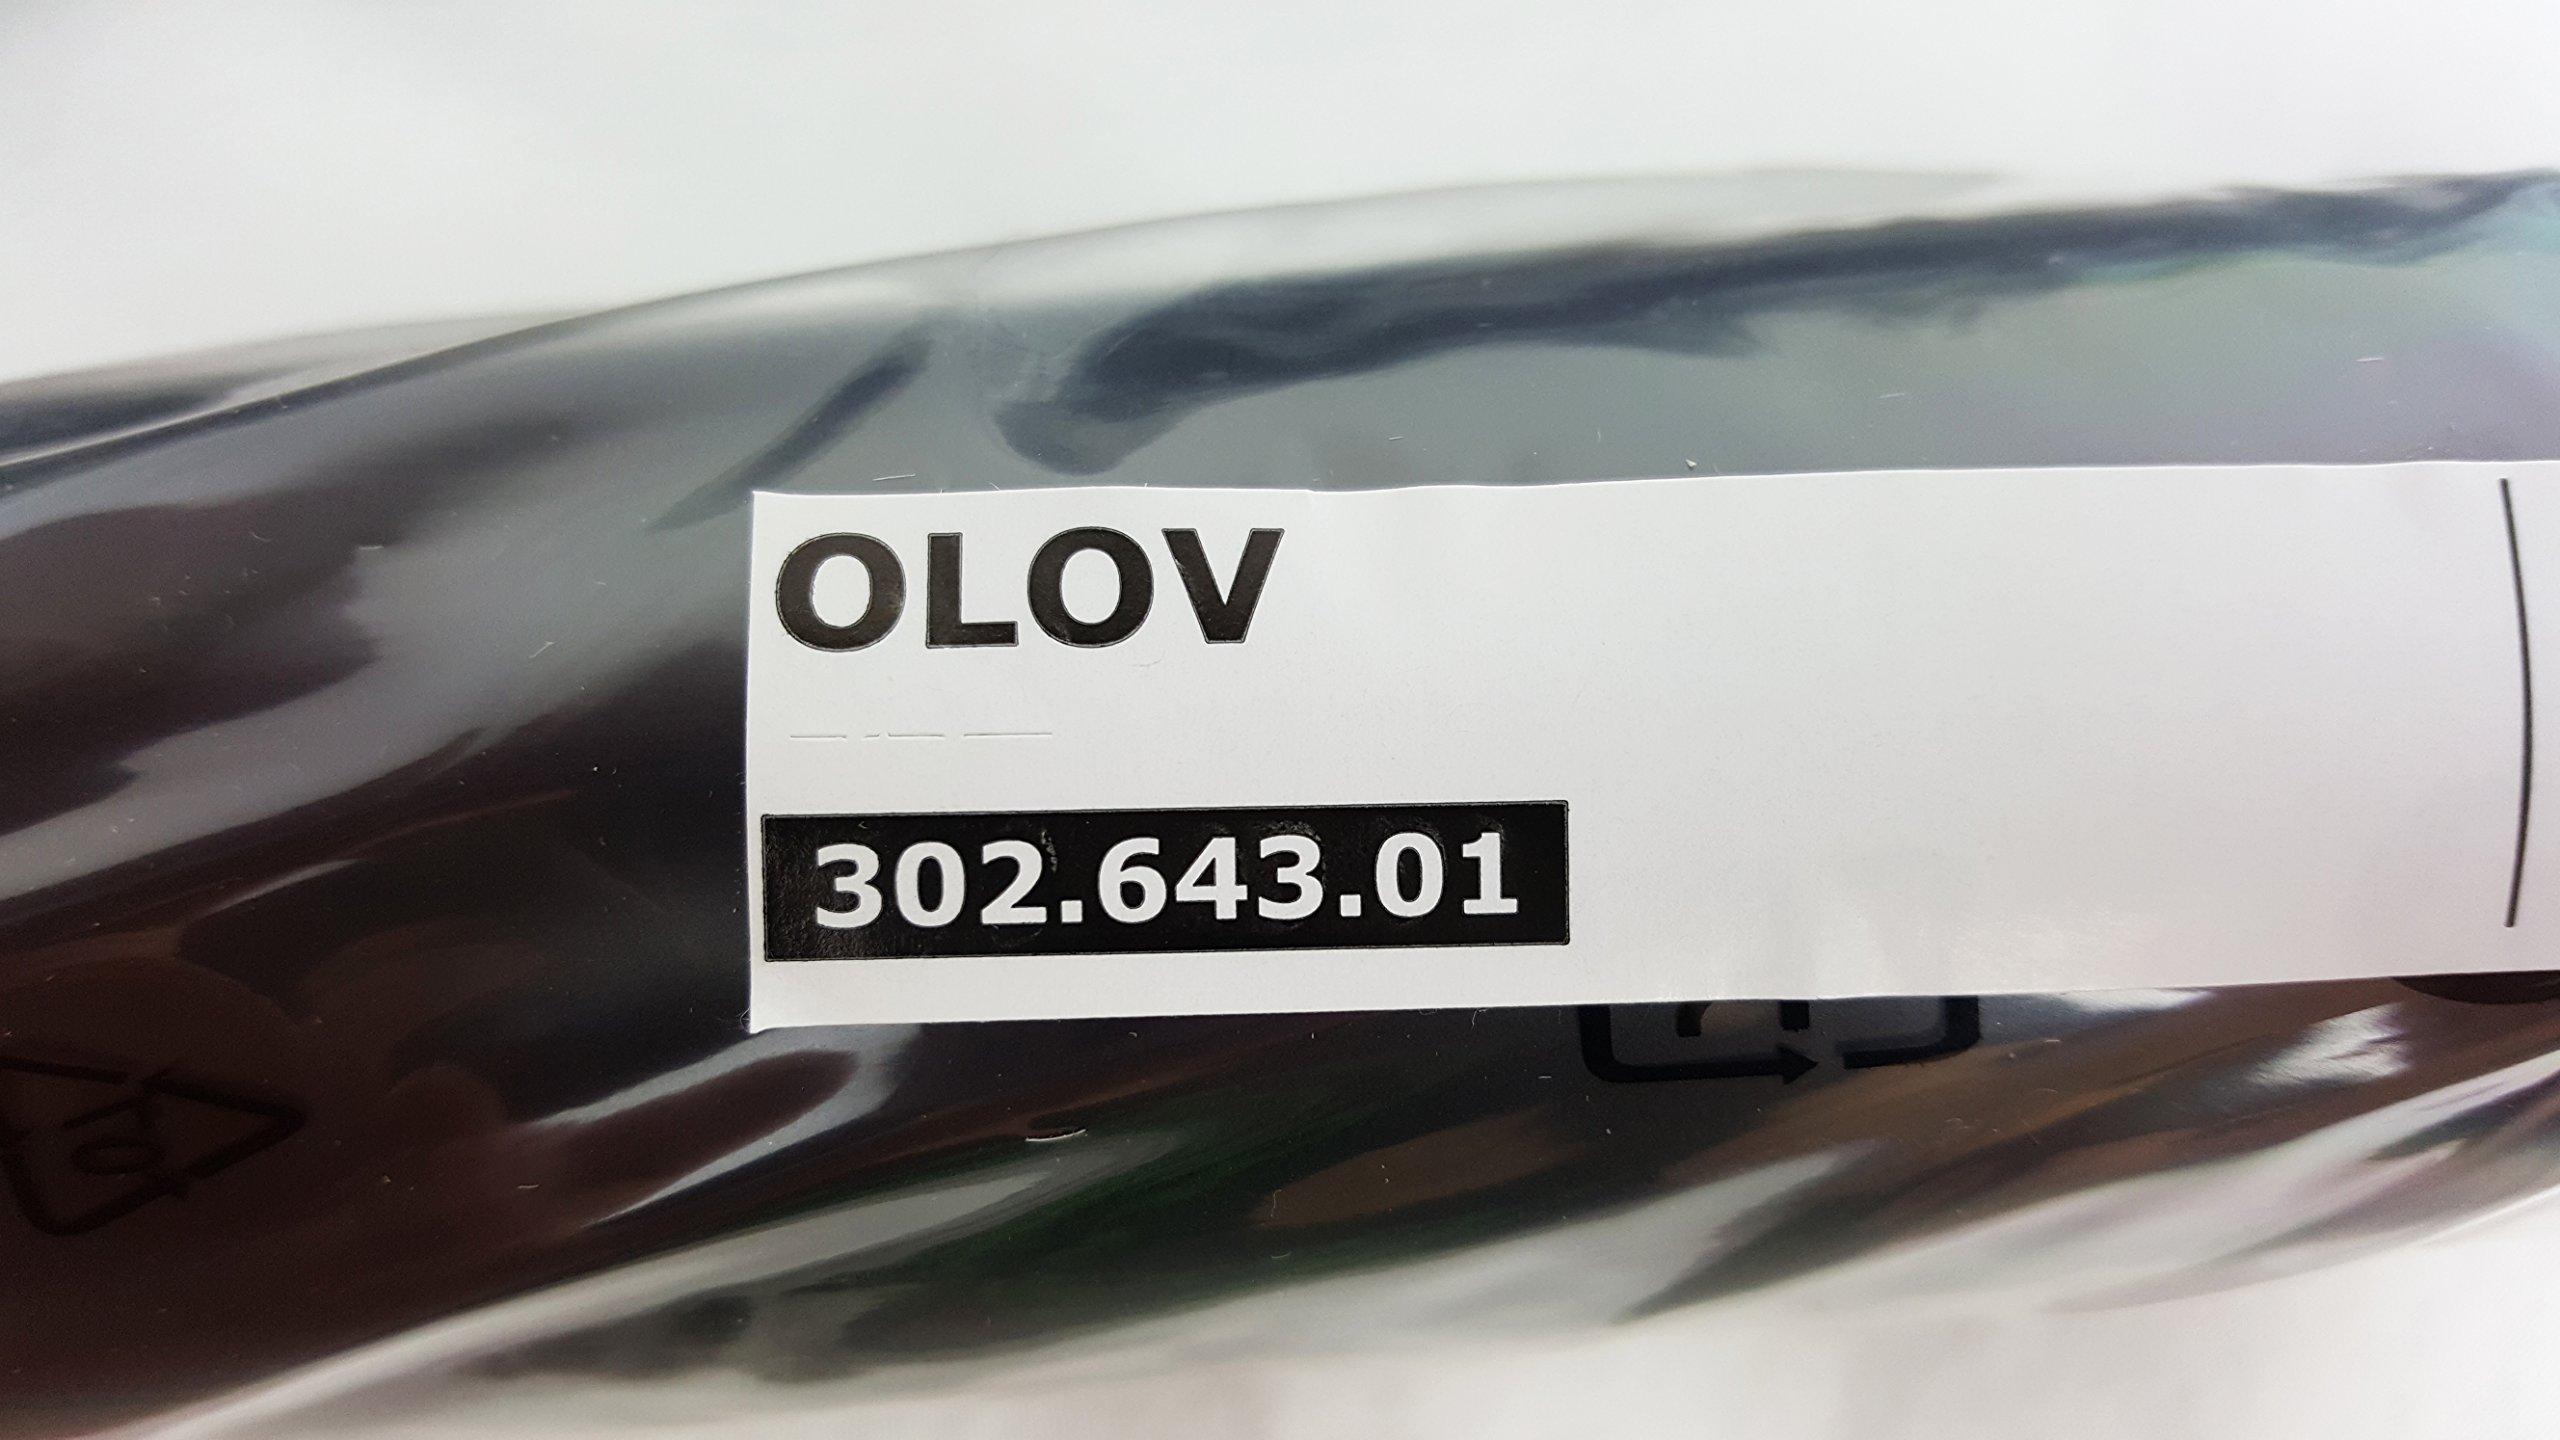 IKEA OLOV Adjustable Metal Table Legs - Steel, Black [Set of 4]